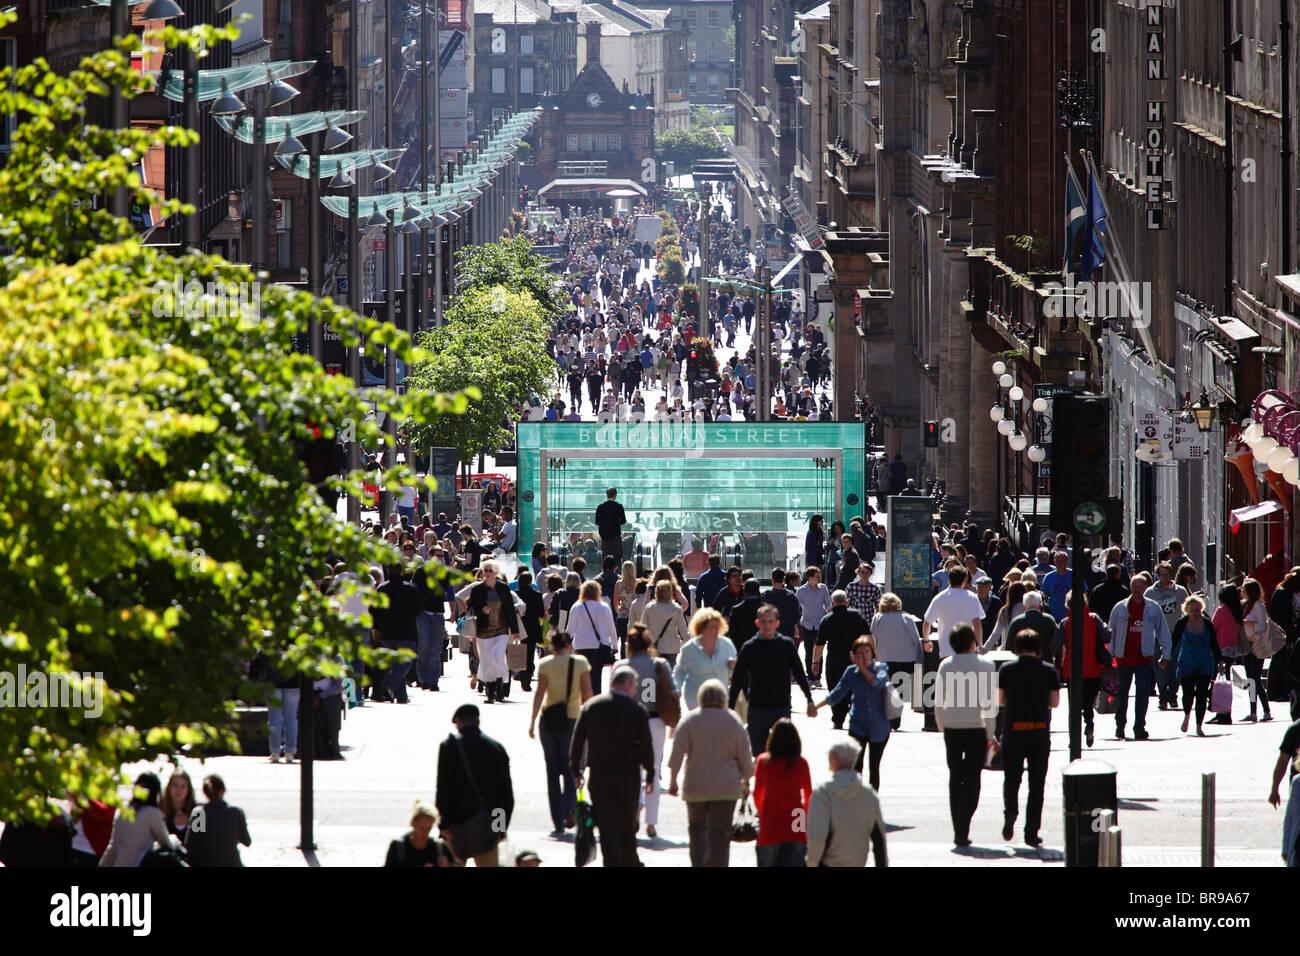 Los peatones caminando en Buchanan Street, centro de la ciudad de Glasgow, Escocia, Reino Unido Imagen De Stock